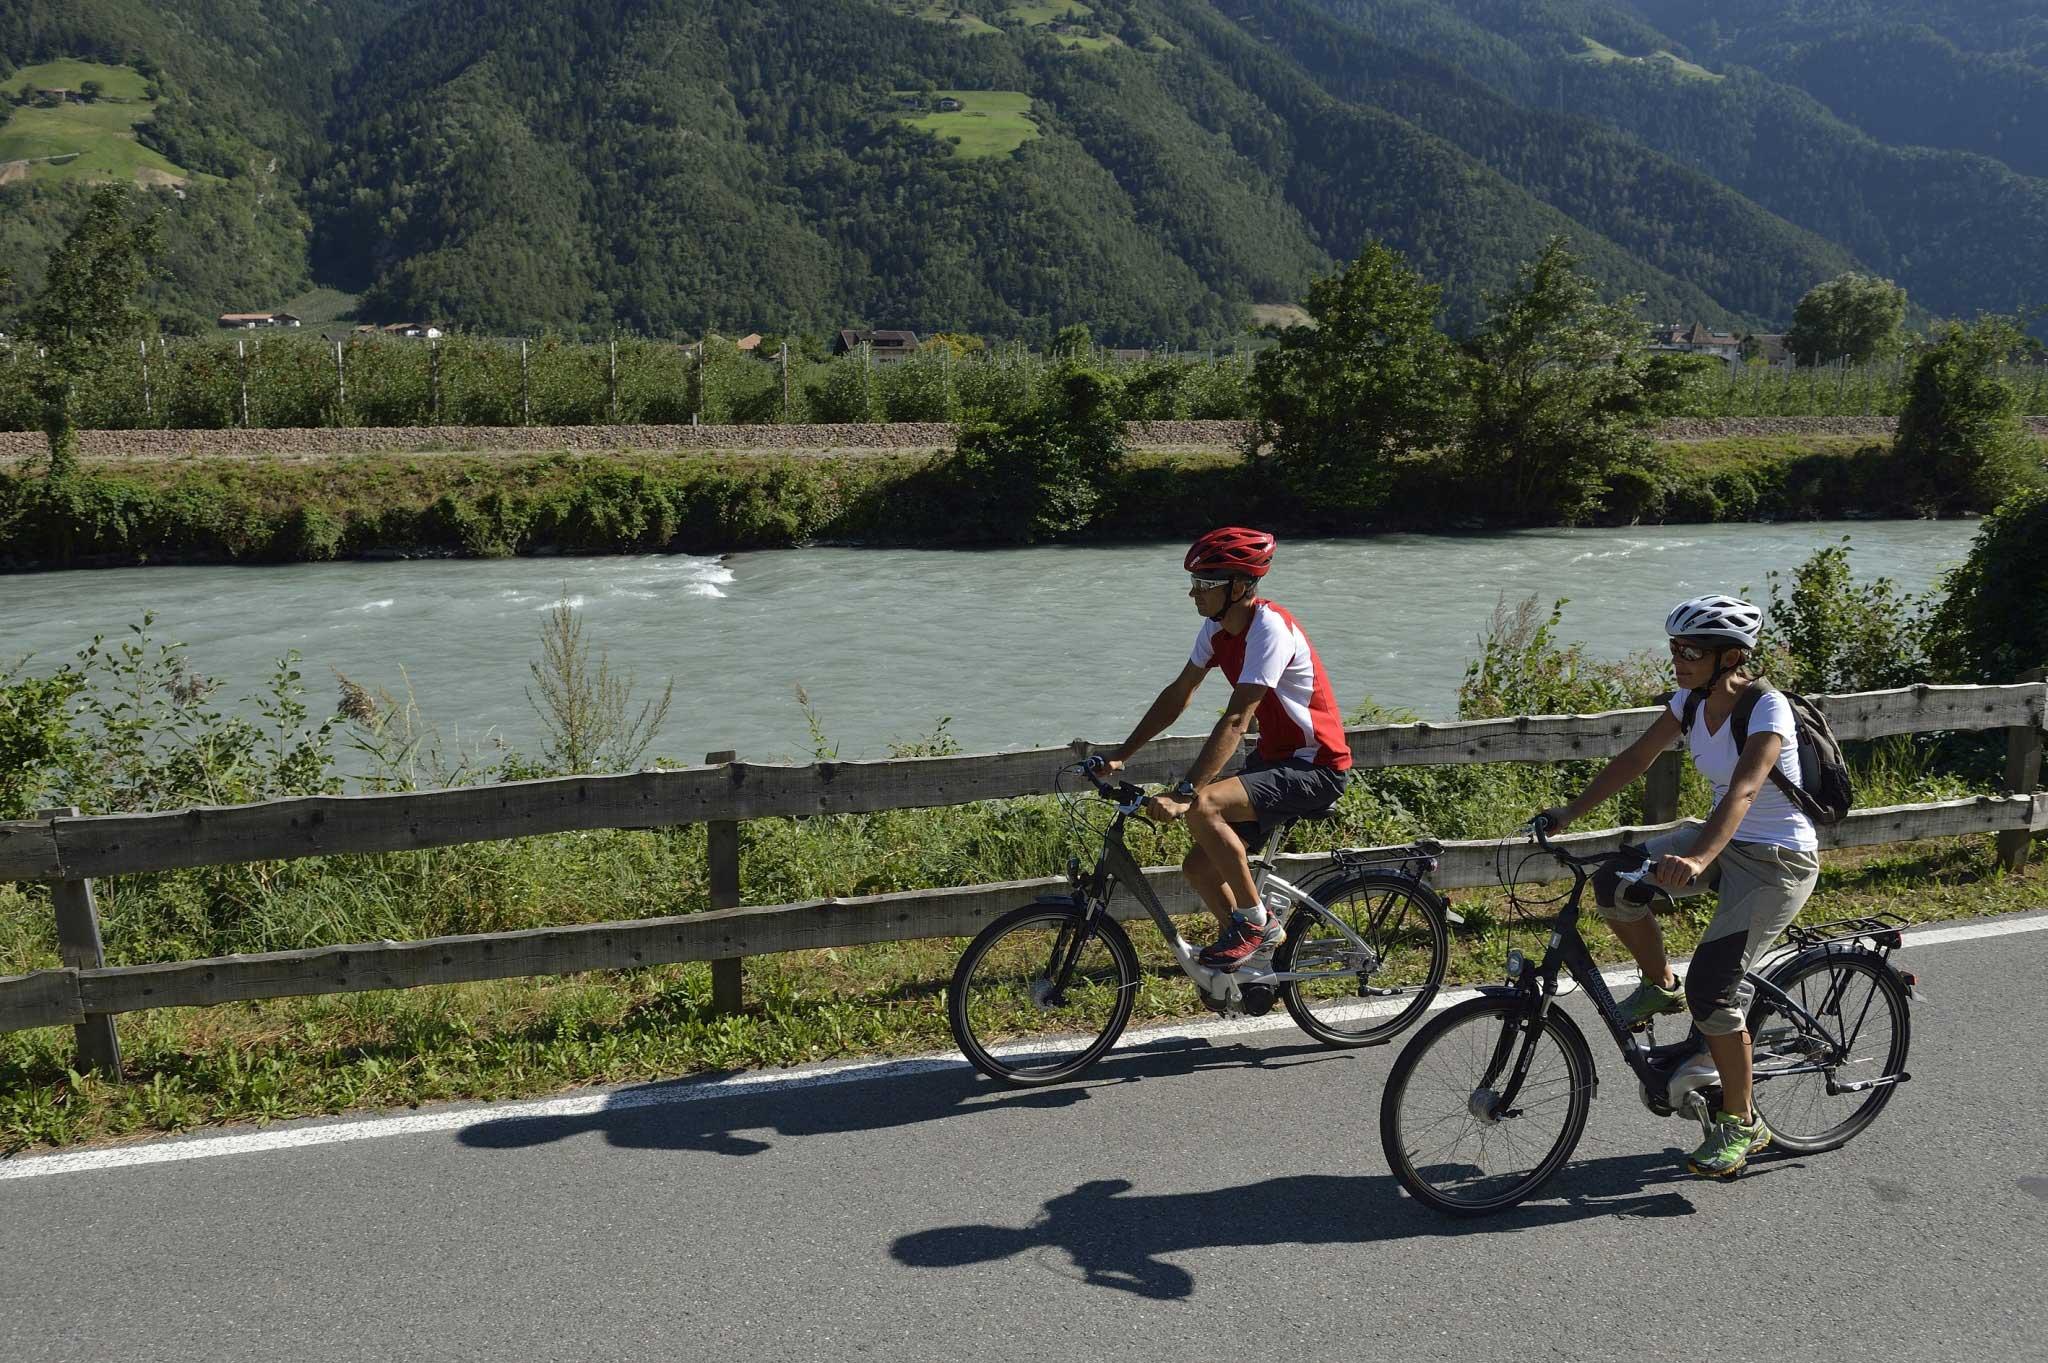 Radfahren im Urlaub - Mit dem E-Bike durch Naturns